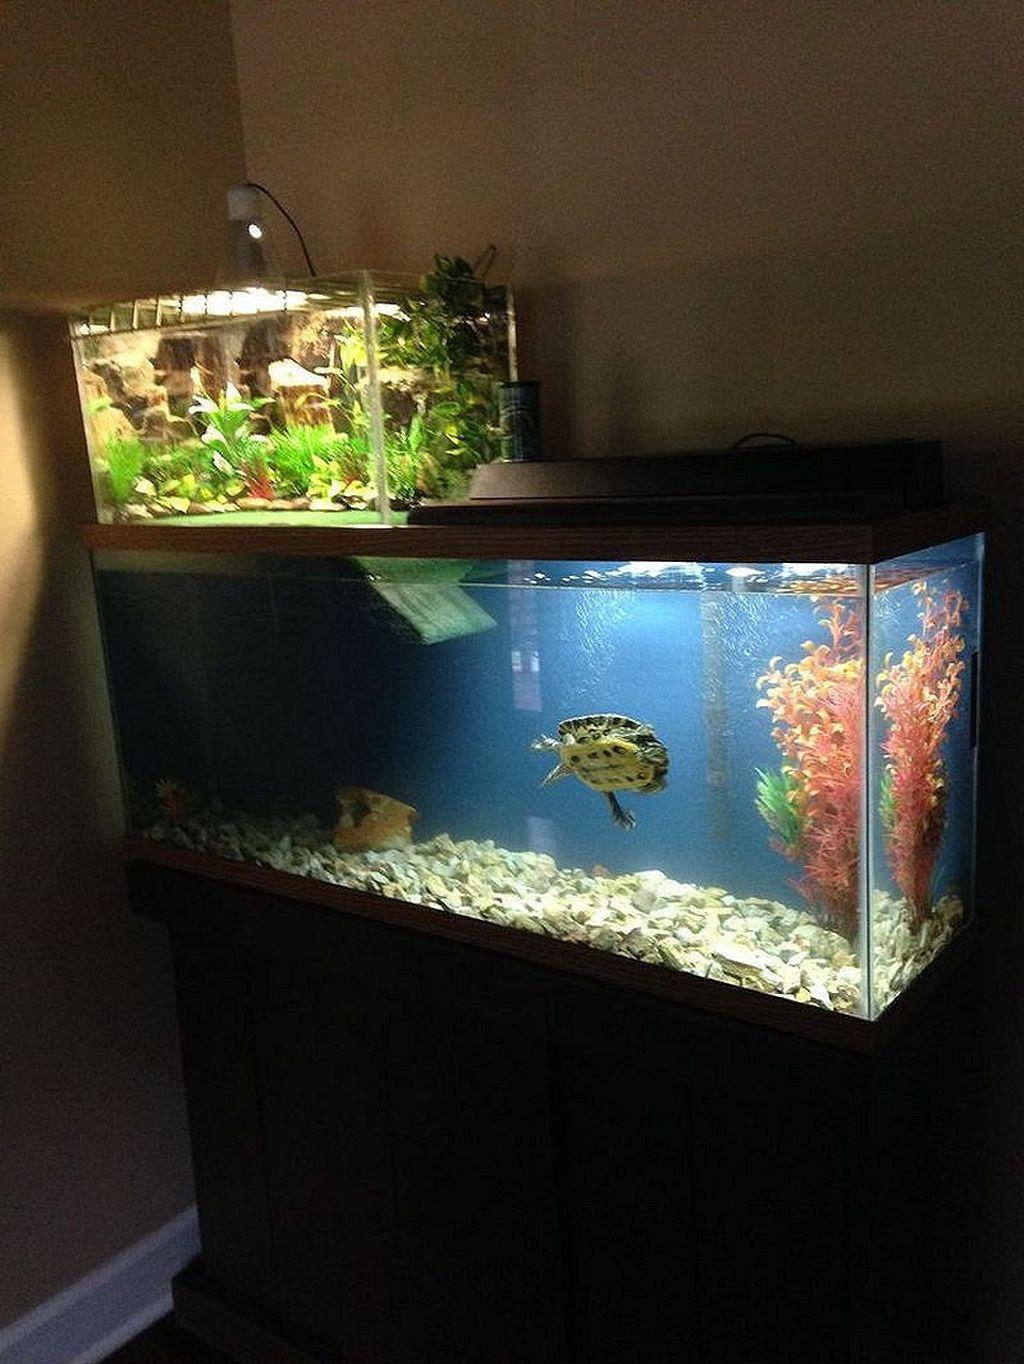 Home Aquarium Design Ideas: 15 Stunning Aquarium Design Ideas For Indoor Decorations